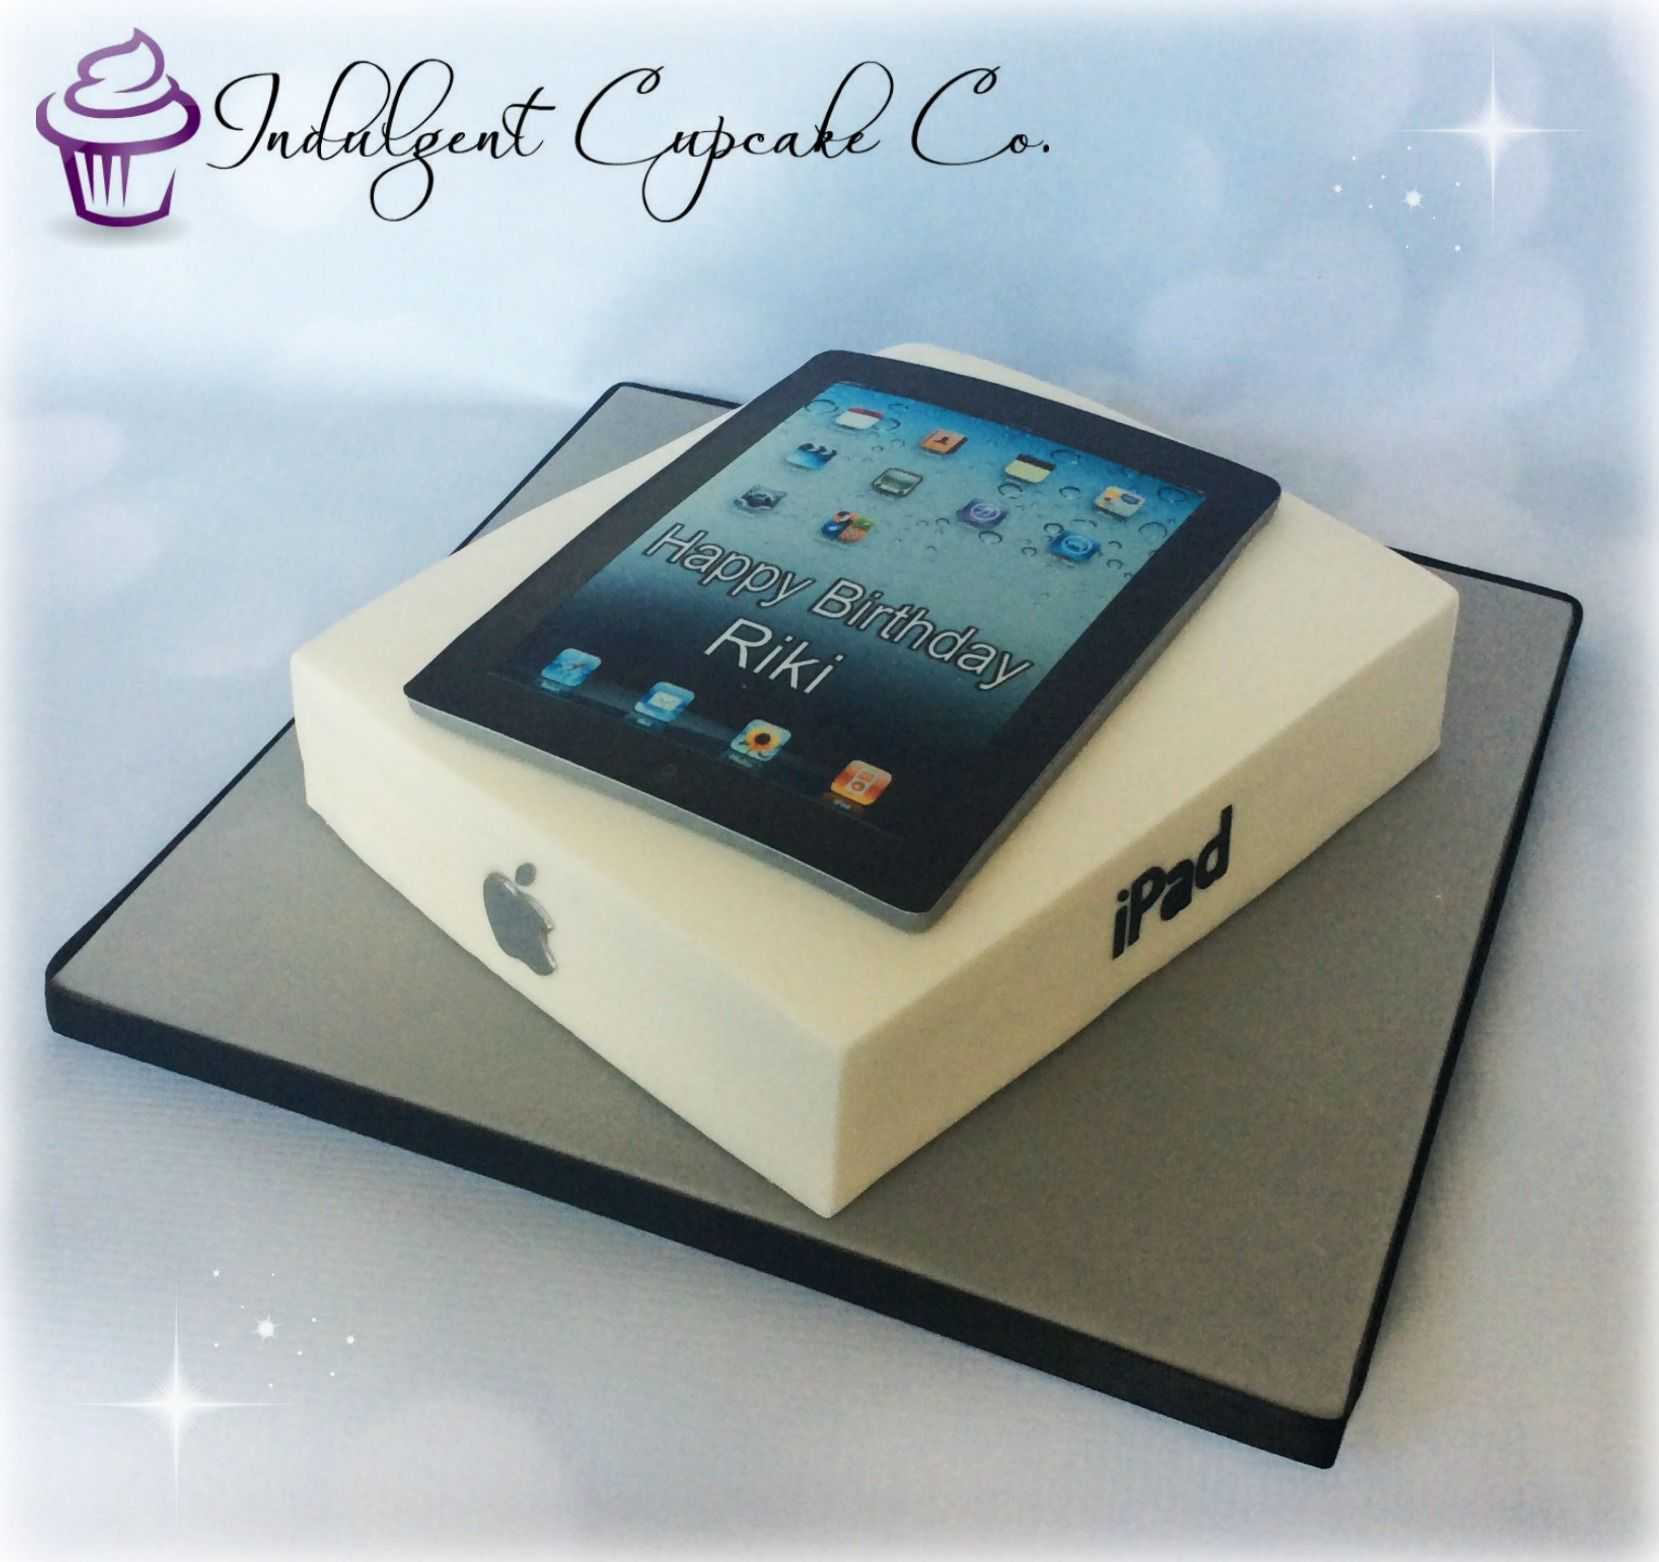 Lemon Elderflower Cake Copycat Royal Wedding Cake: Apple Ipad Cake.......